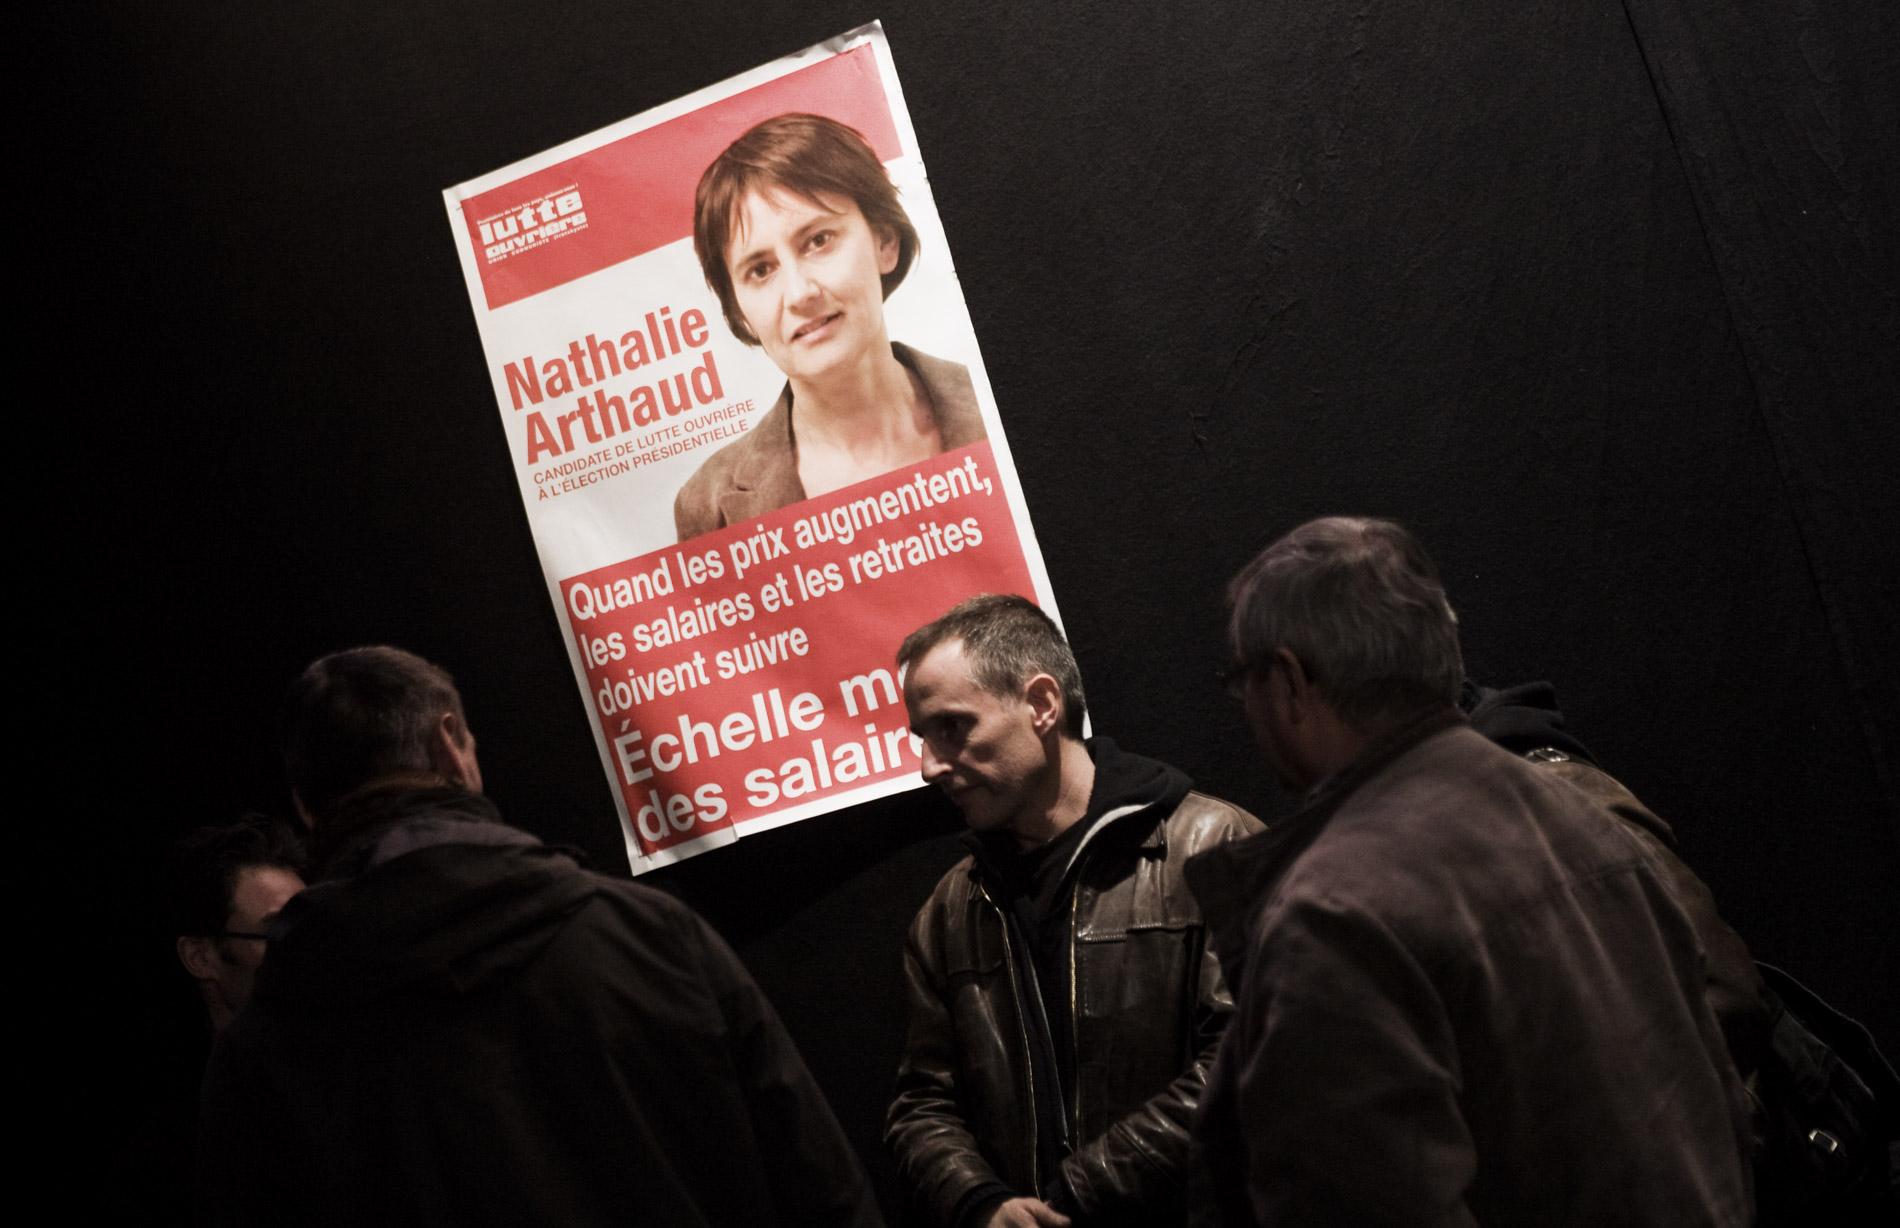 Meeting de Nathalie Arthaud, porte parole de Lutte Ouvriere